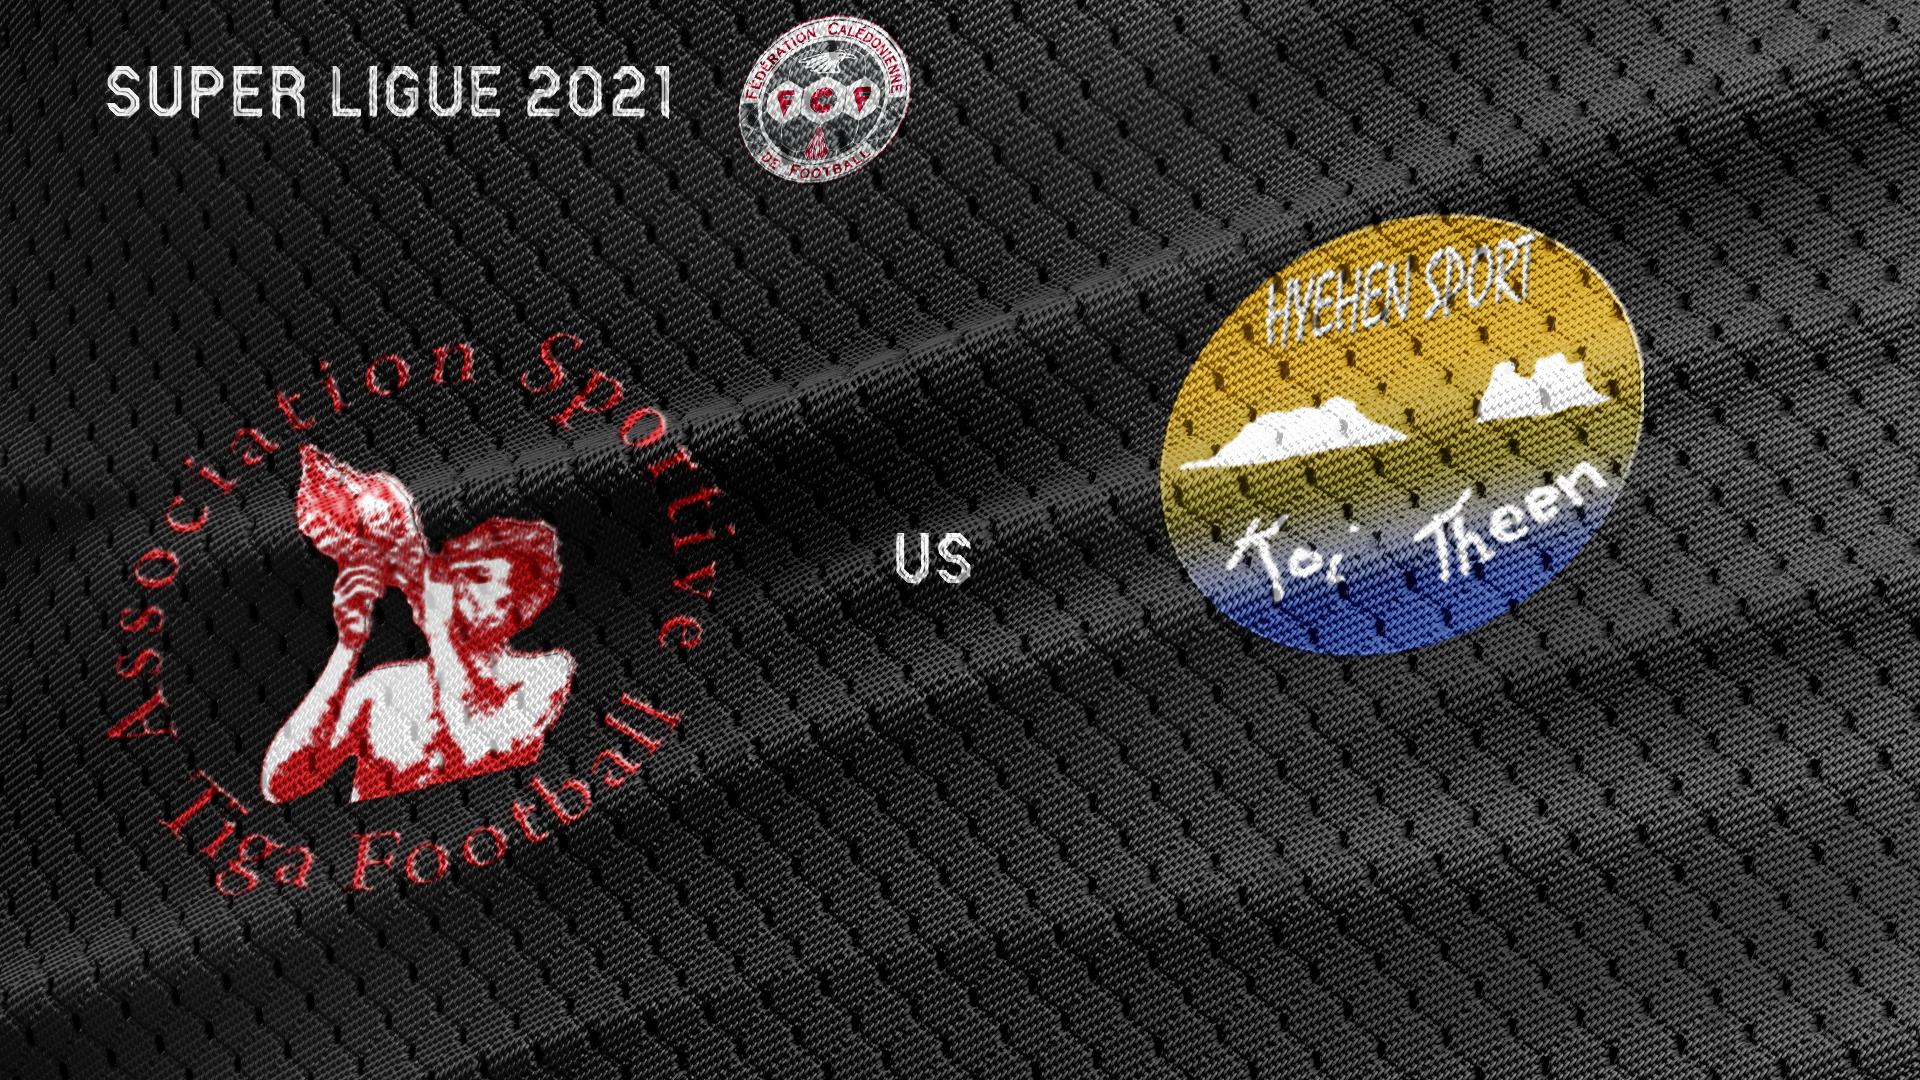 CHOC au sommet en Super Ligue / TIGA vs HIENGHENE - ce samedi 16h30 (J5)